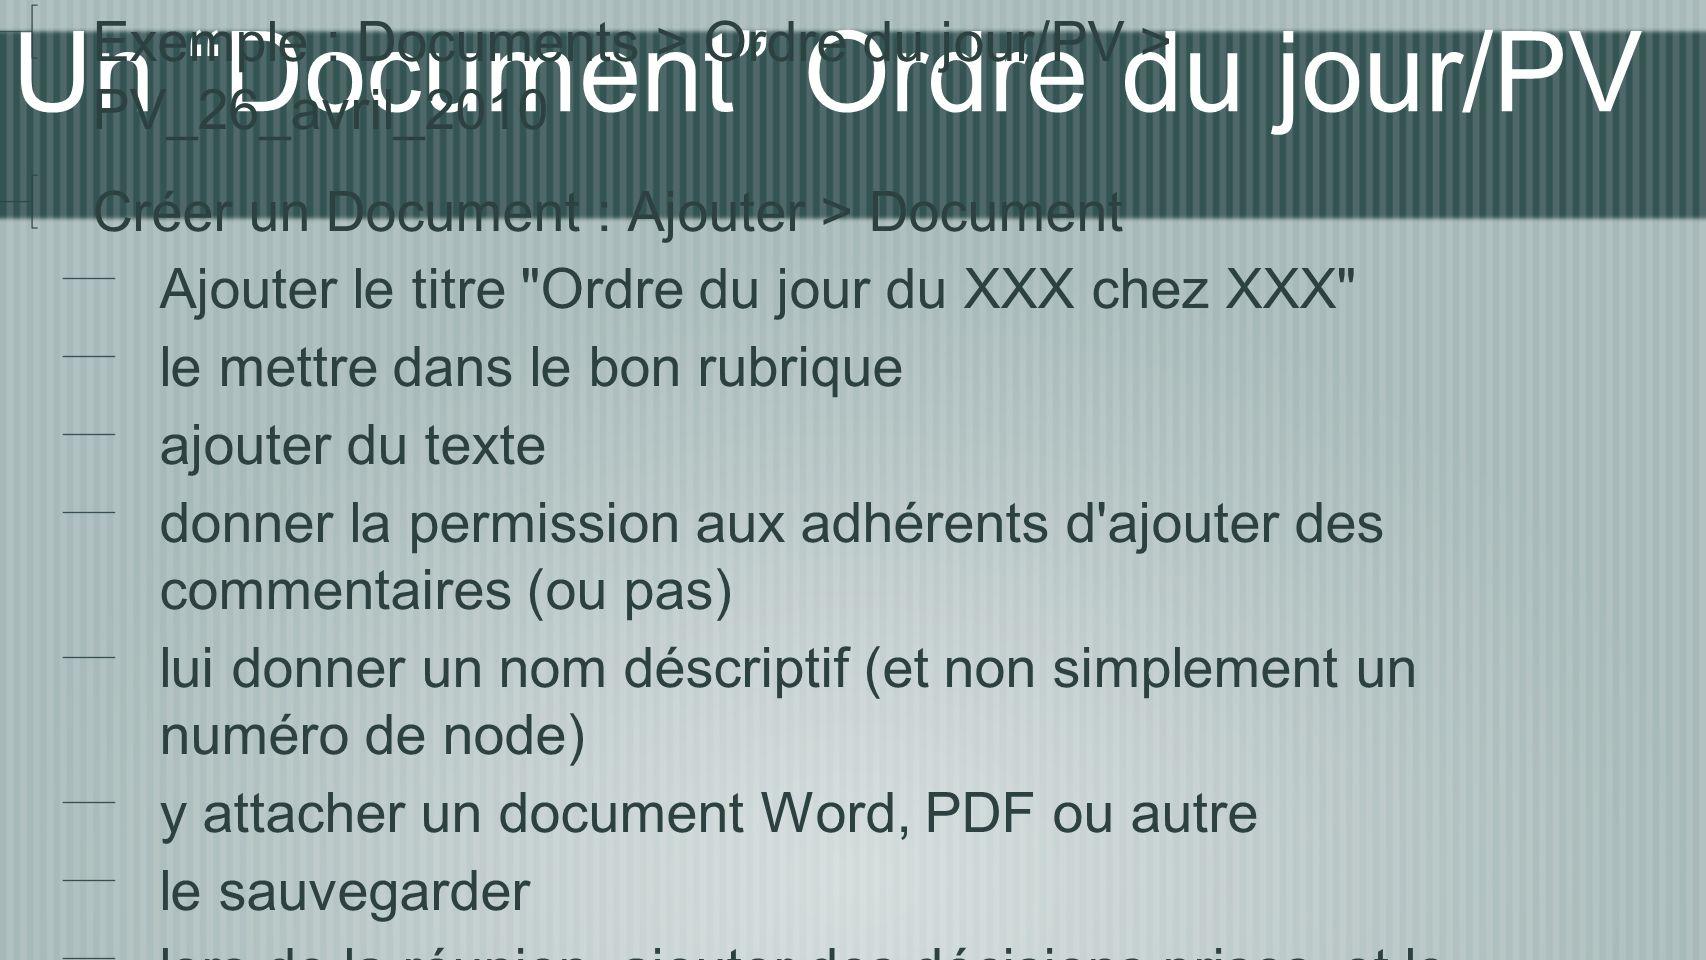 Un Document Ordre du jour/PV Exemple : Documents > Ordre du jour/PV > PV_26_avril_2010 Créer un Document : Ajouter > Document Ajouter le titre Ordre du jour du XXX chez XXX le mettre dans le bon rubrique ajouter du texte donner la permission aux adhérents d ajouter des commentaires (ou pas) lui donner un nom déscriptif (et non simplement un numéro de node) y attacher un document Word, PDF ou autre le sauvegarder lors de la réunion, ajouter des décisions prises, et le sauvegarder